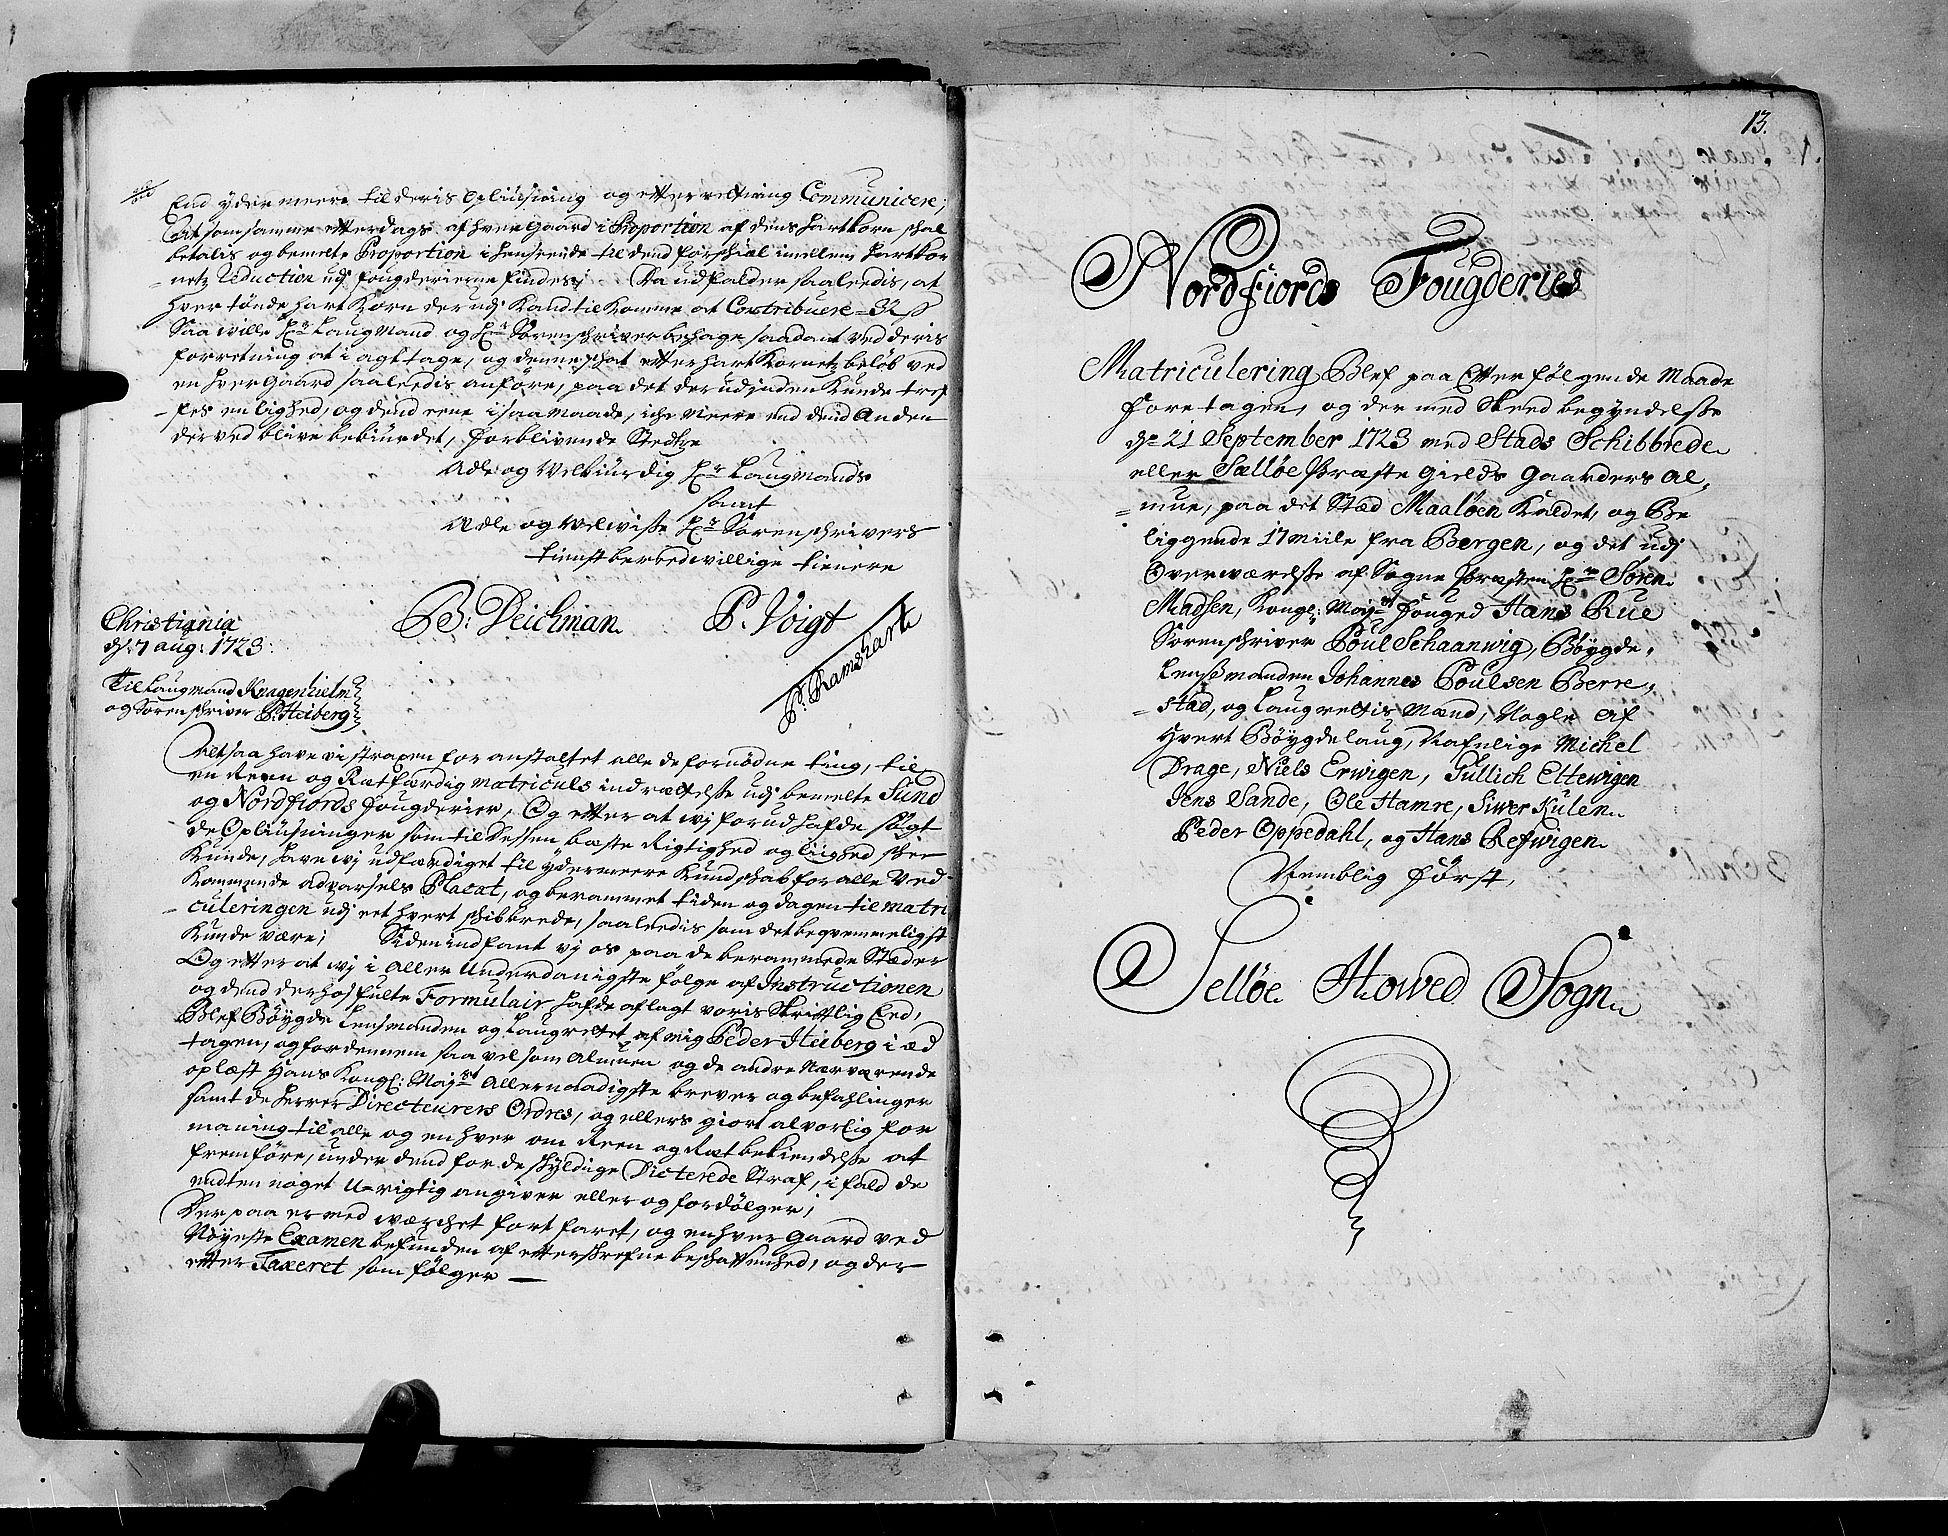 RA, Rentekammeret inntil 1814, Realistisk ordnet avdeling, N/Nb/Nbf/L0147: Sunnfjord og Nordfjord matrikkelprotokoll, 1723, s. 12b-13a